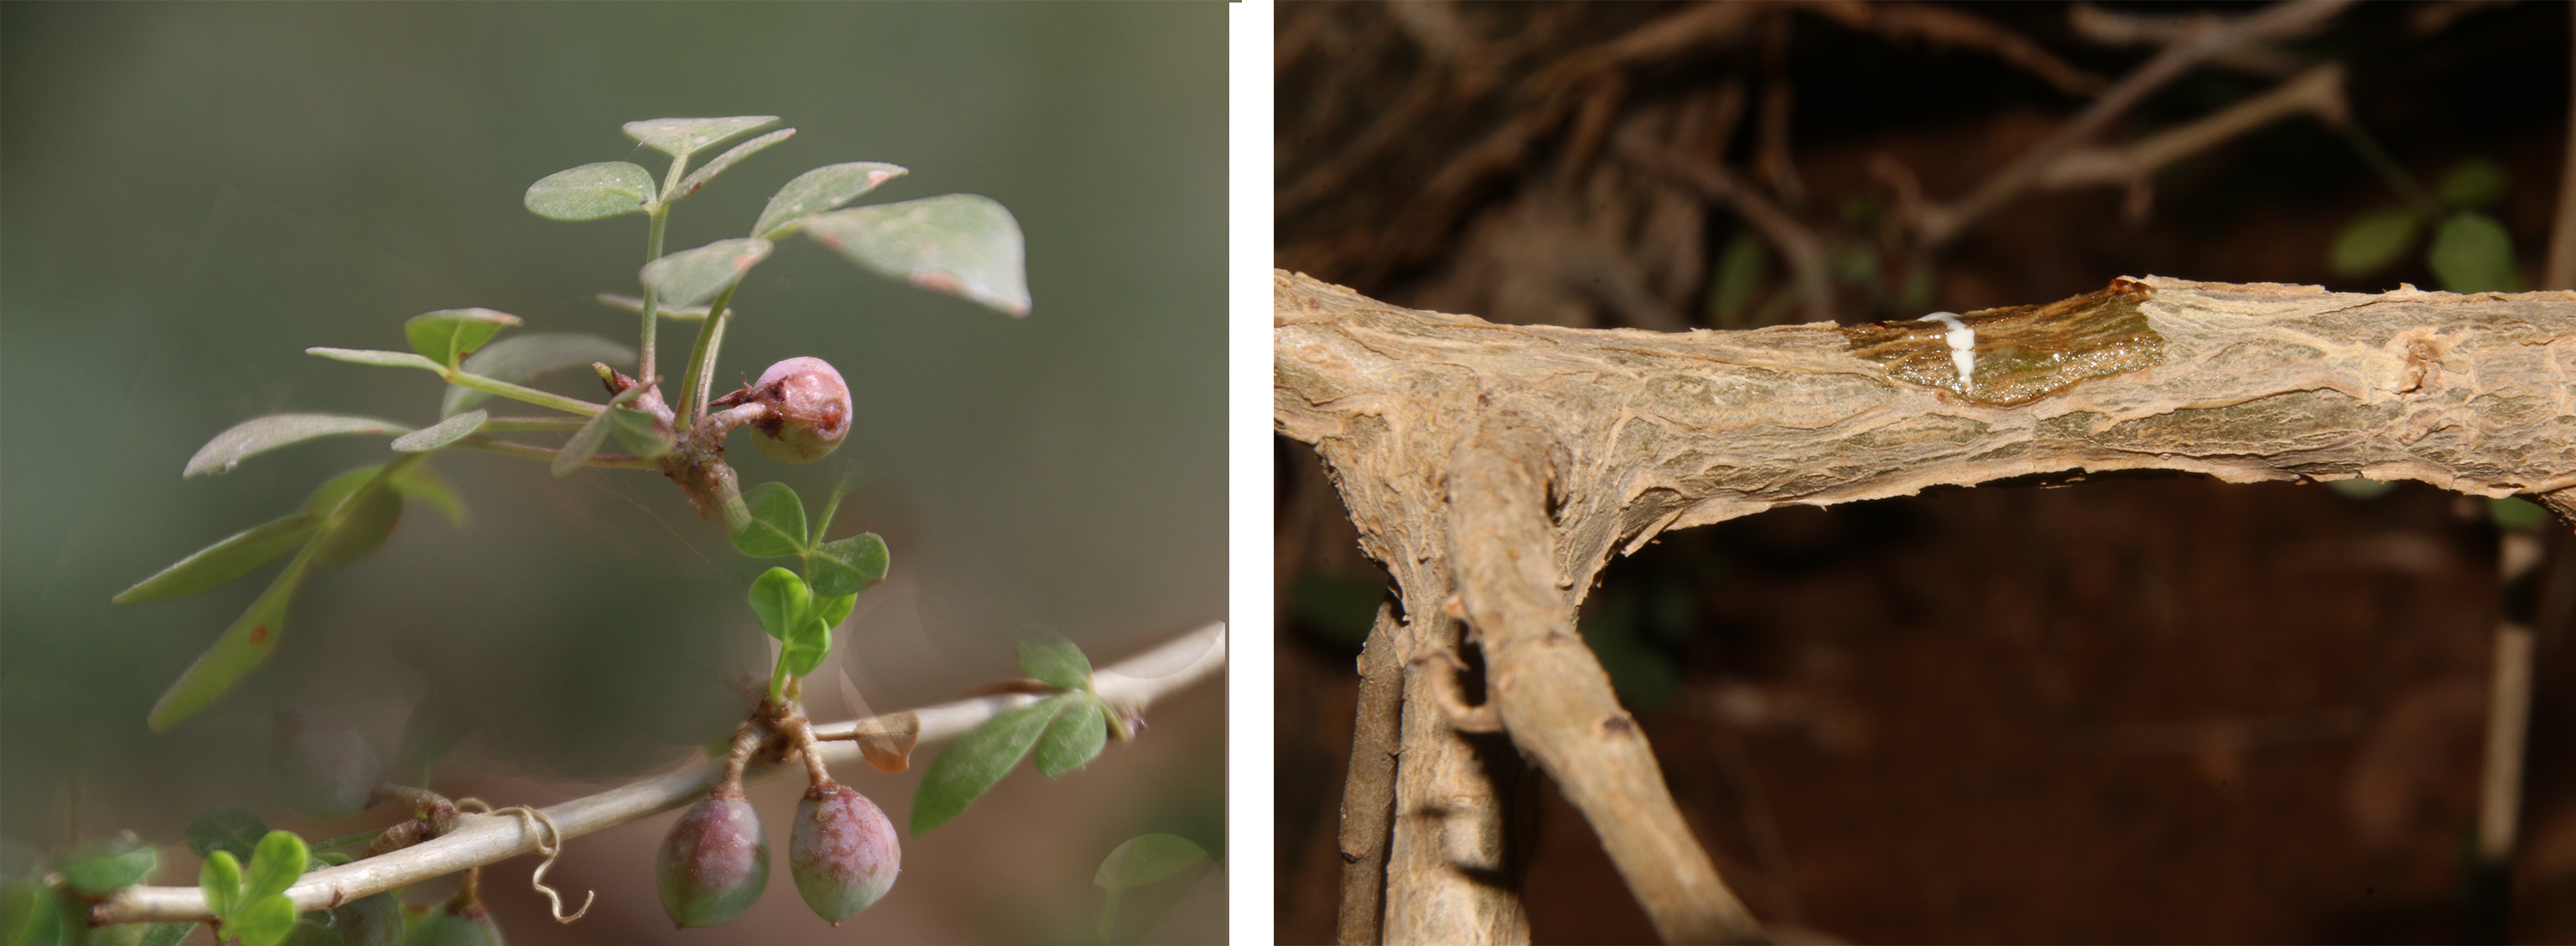 פרי הצמח